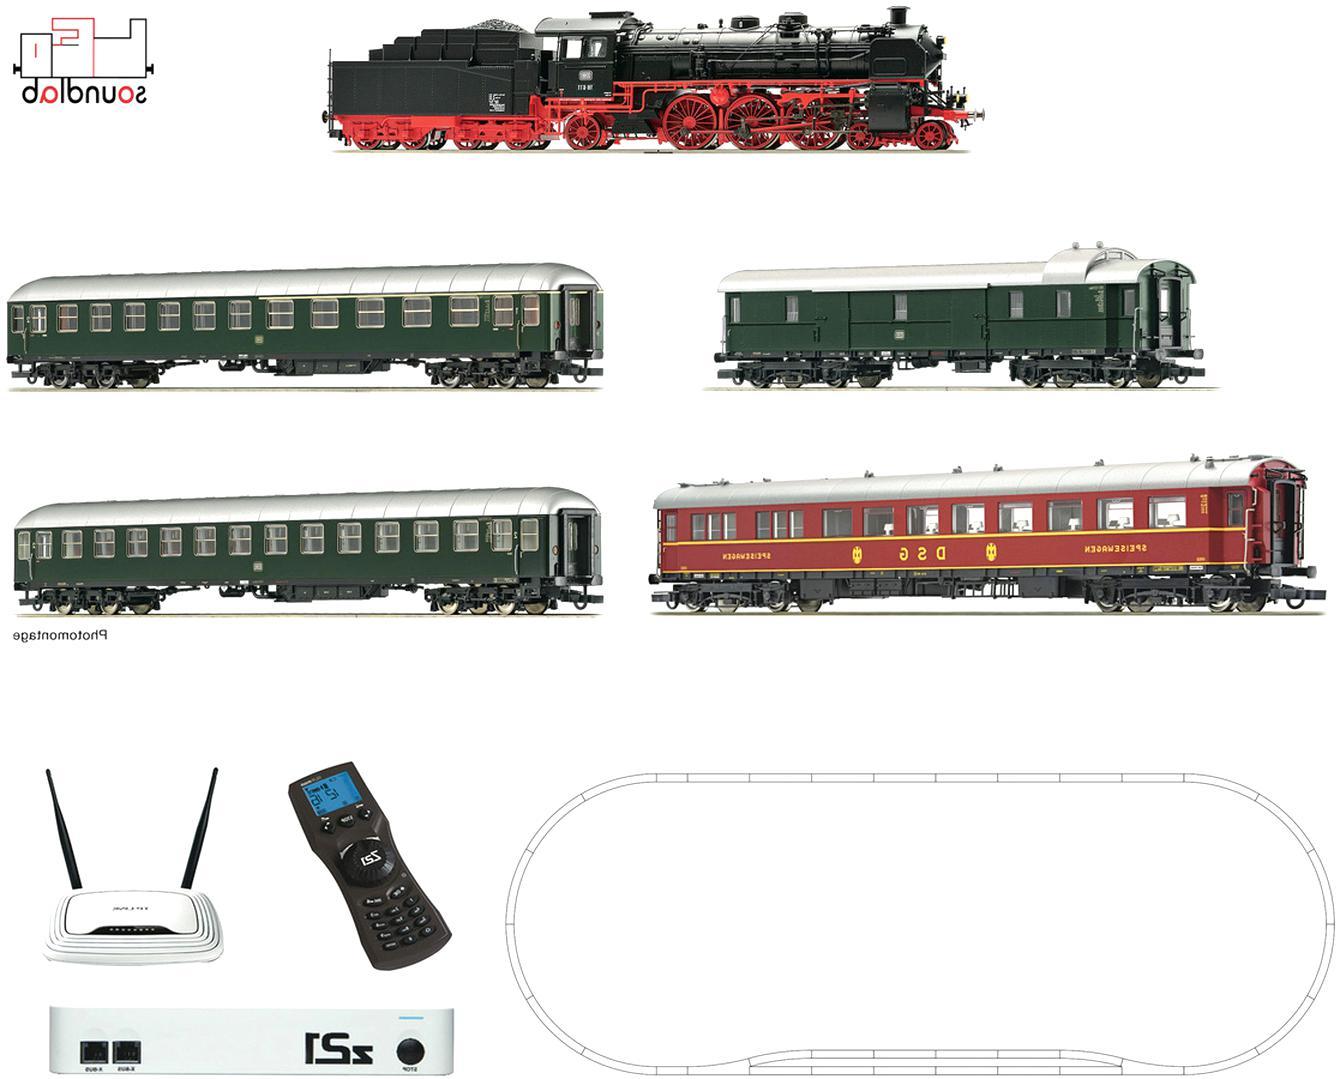 para locomotoras m KL scheibenkollektormotor a Esu 64631 LokPilot v4 remodelación 8pol.st